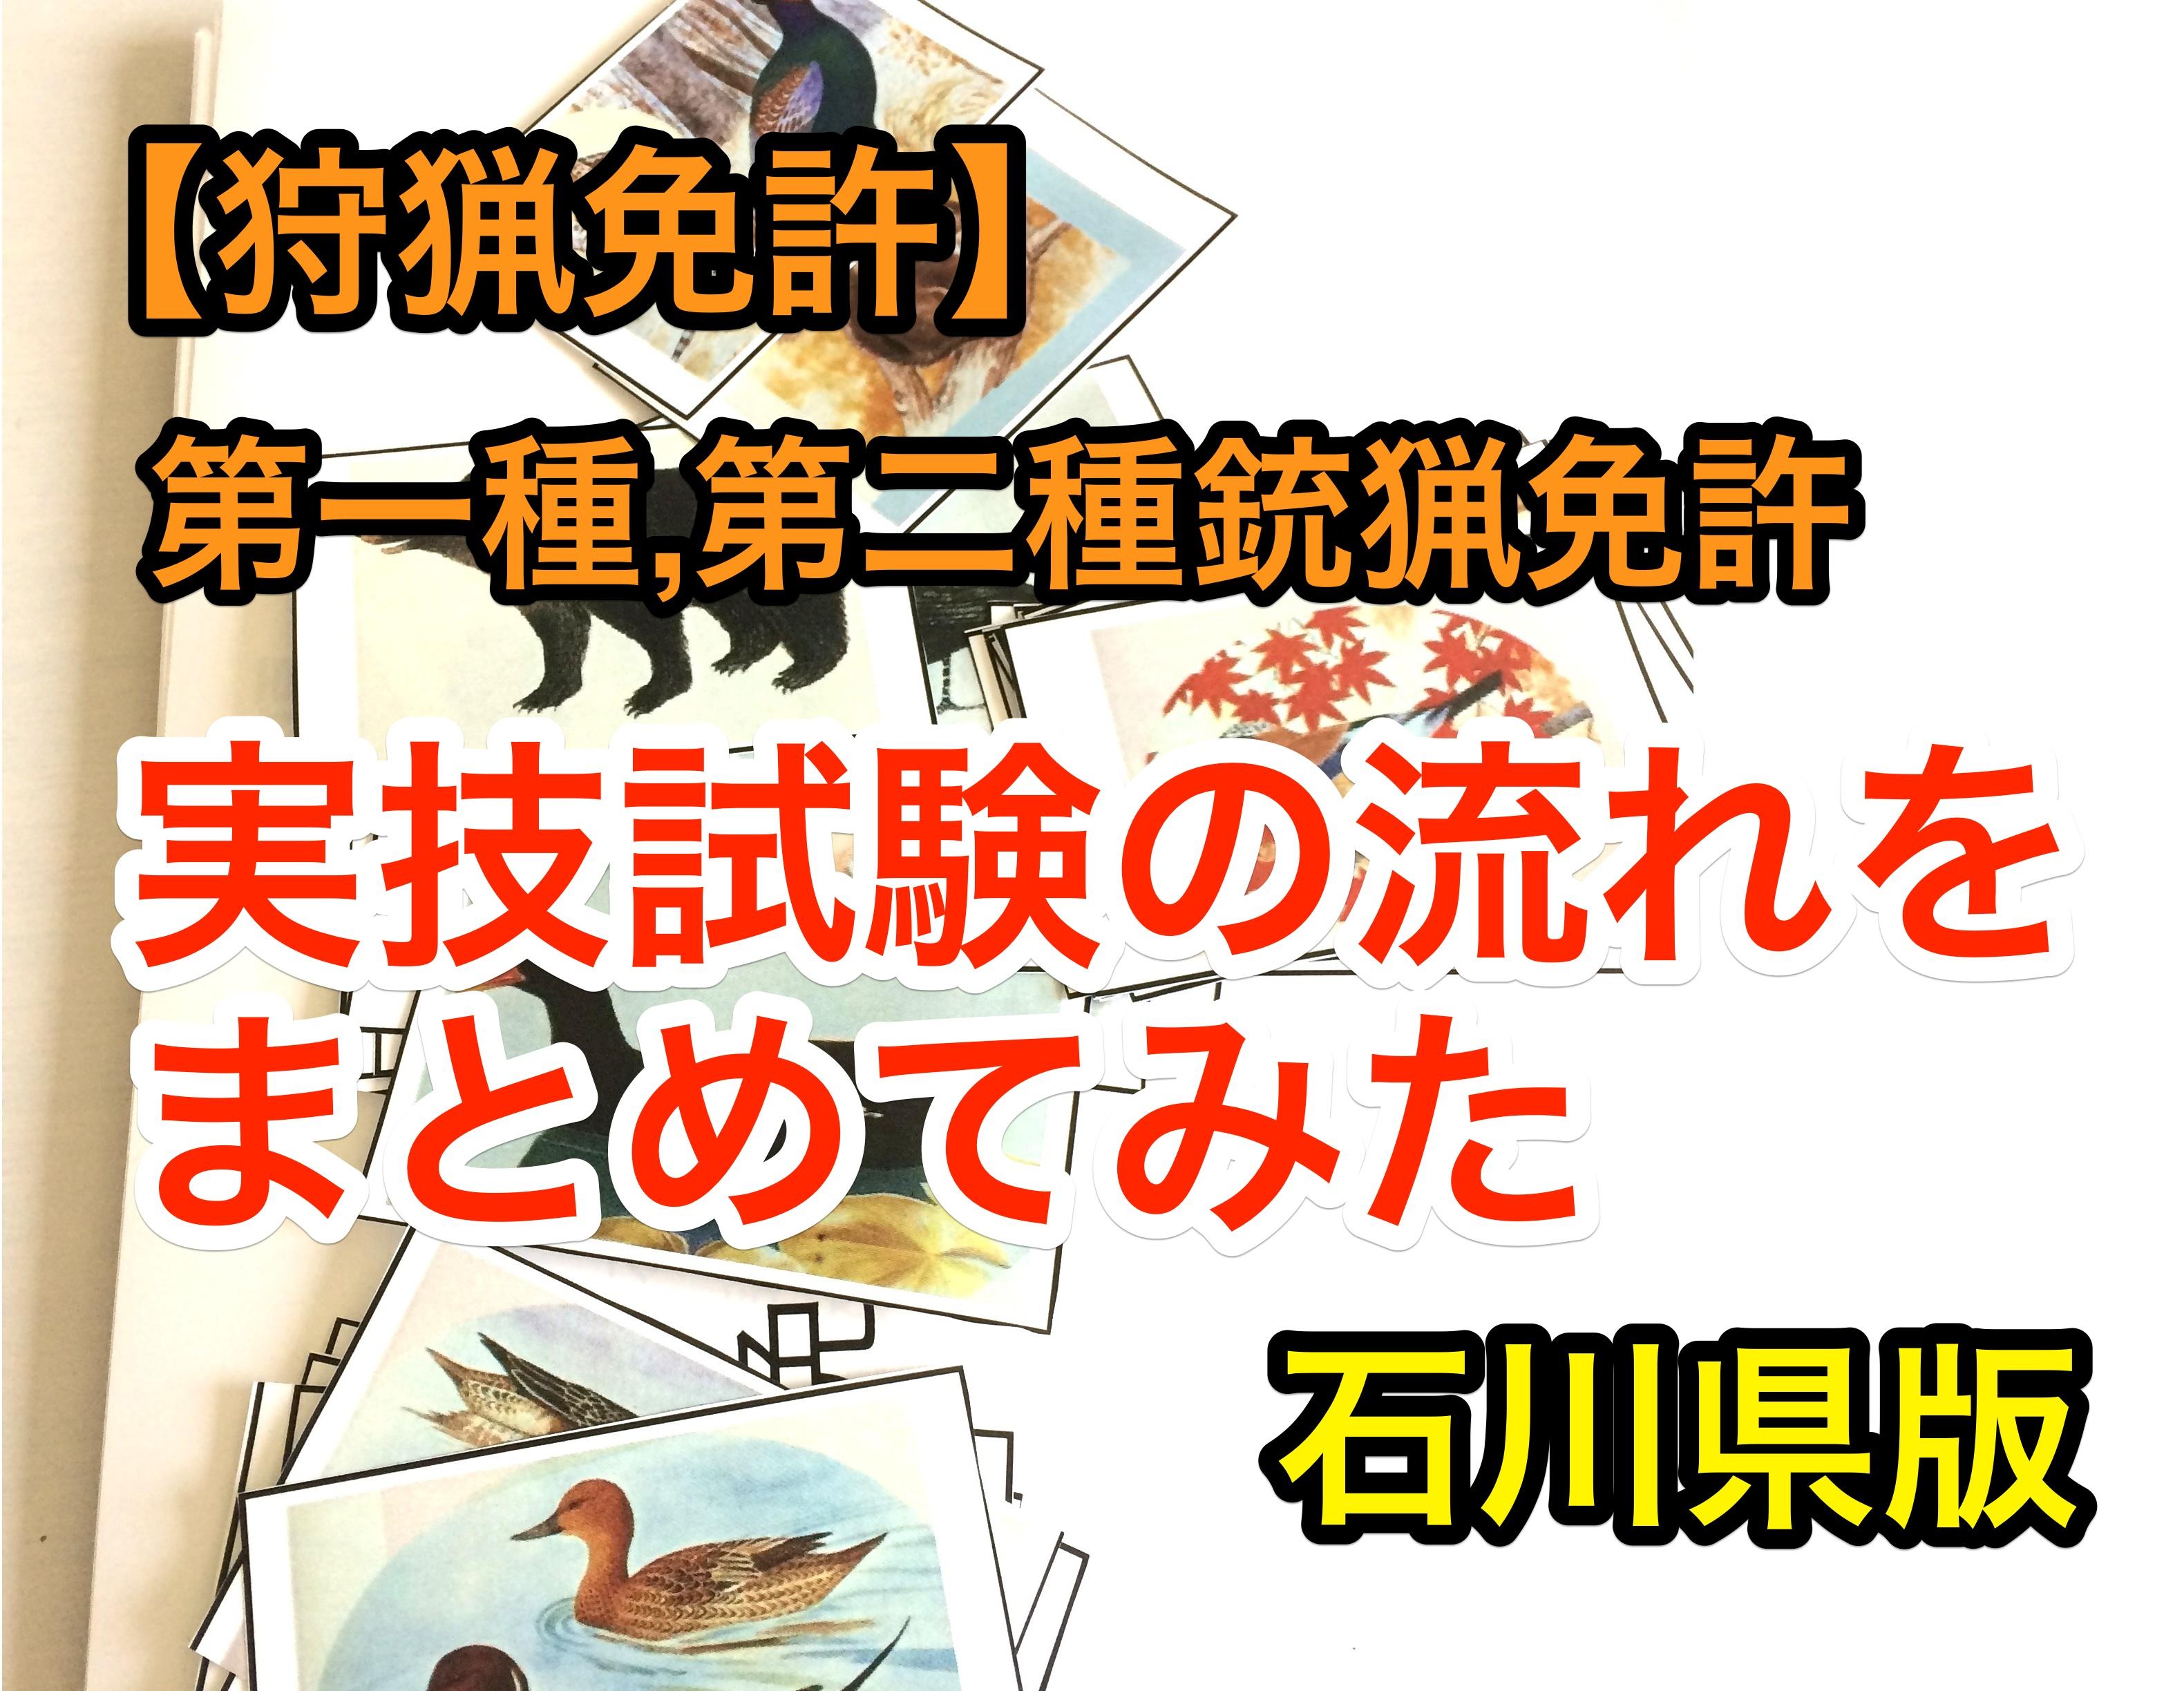 【狩猟免許】第1種,第2種銃猟免許の実技試験の流れをまとめてみた『石川県版』